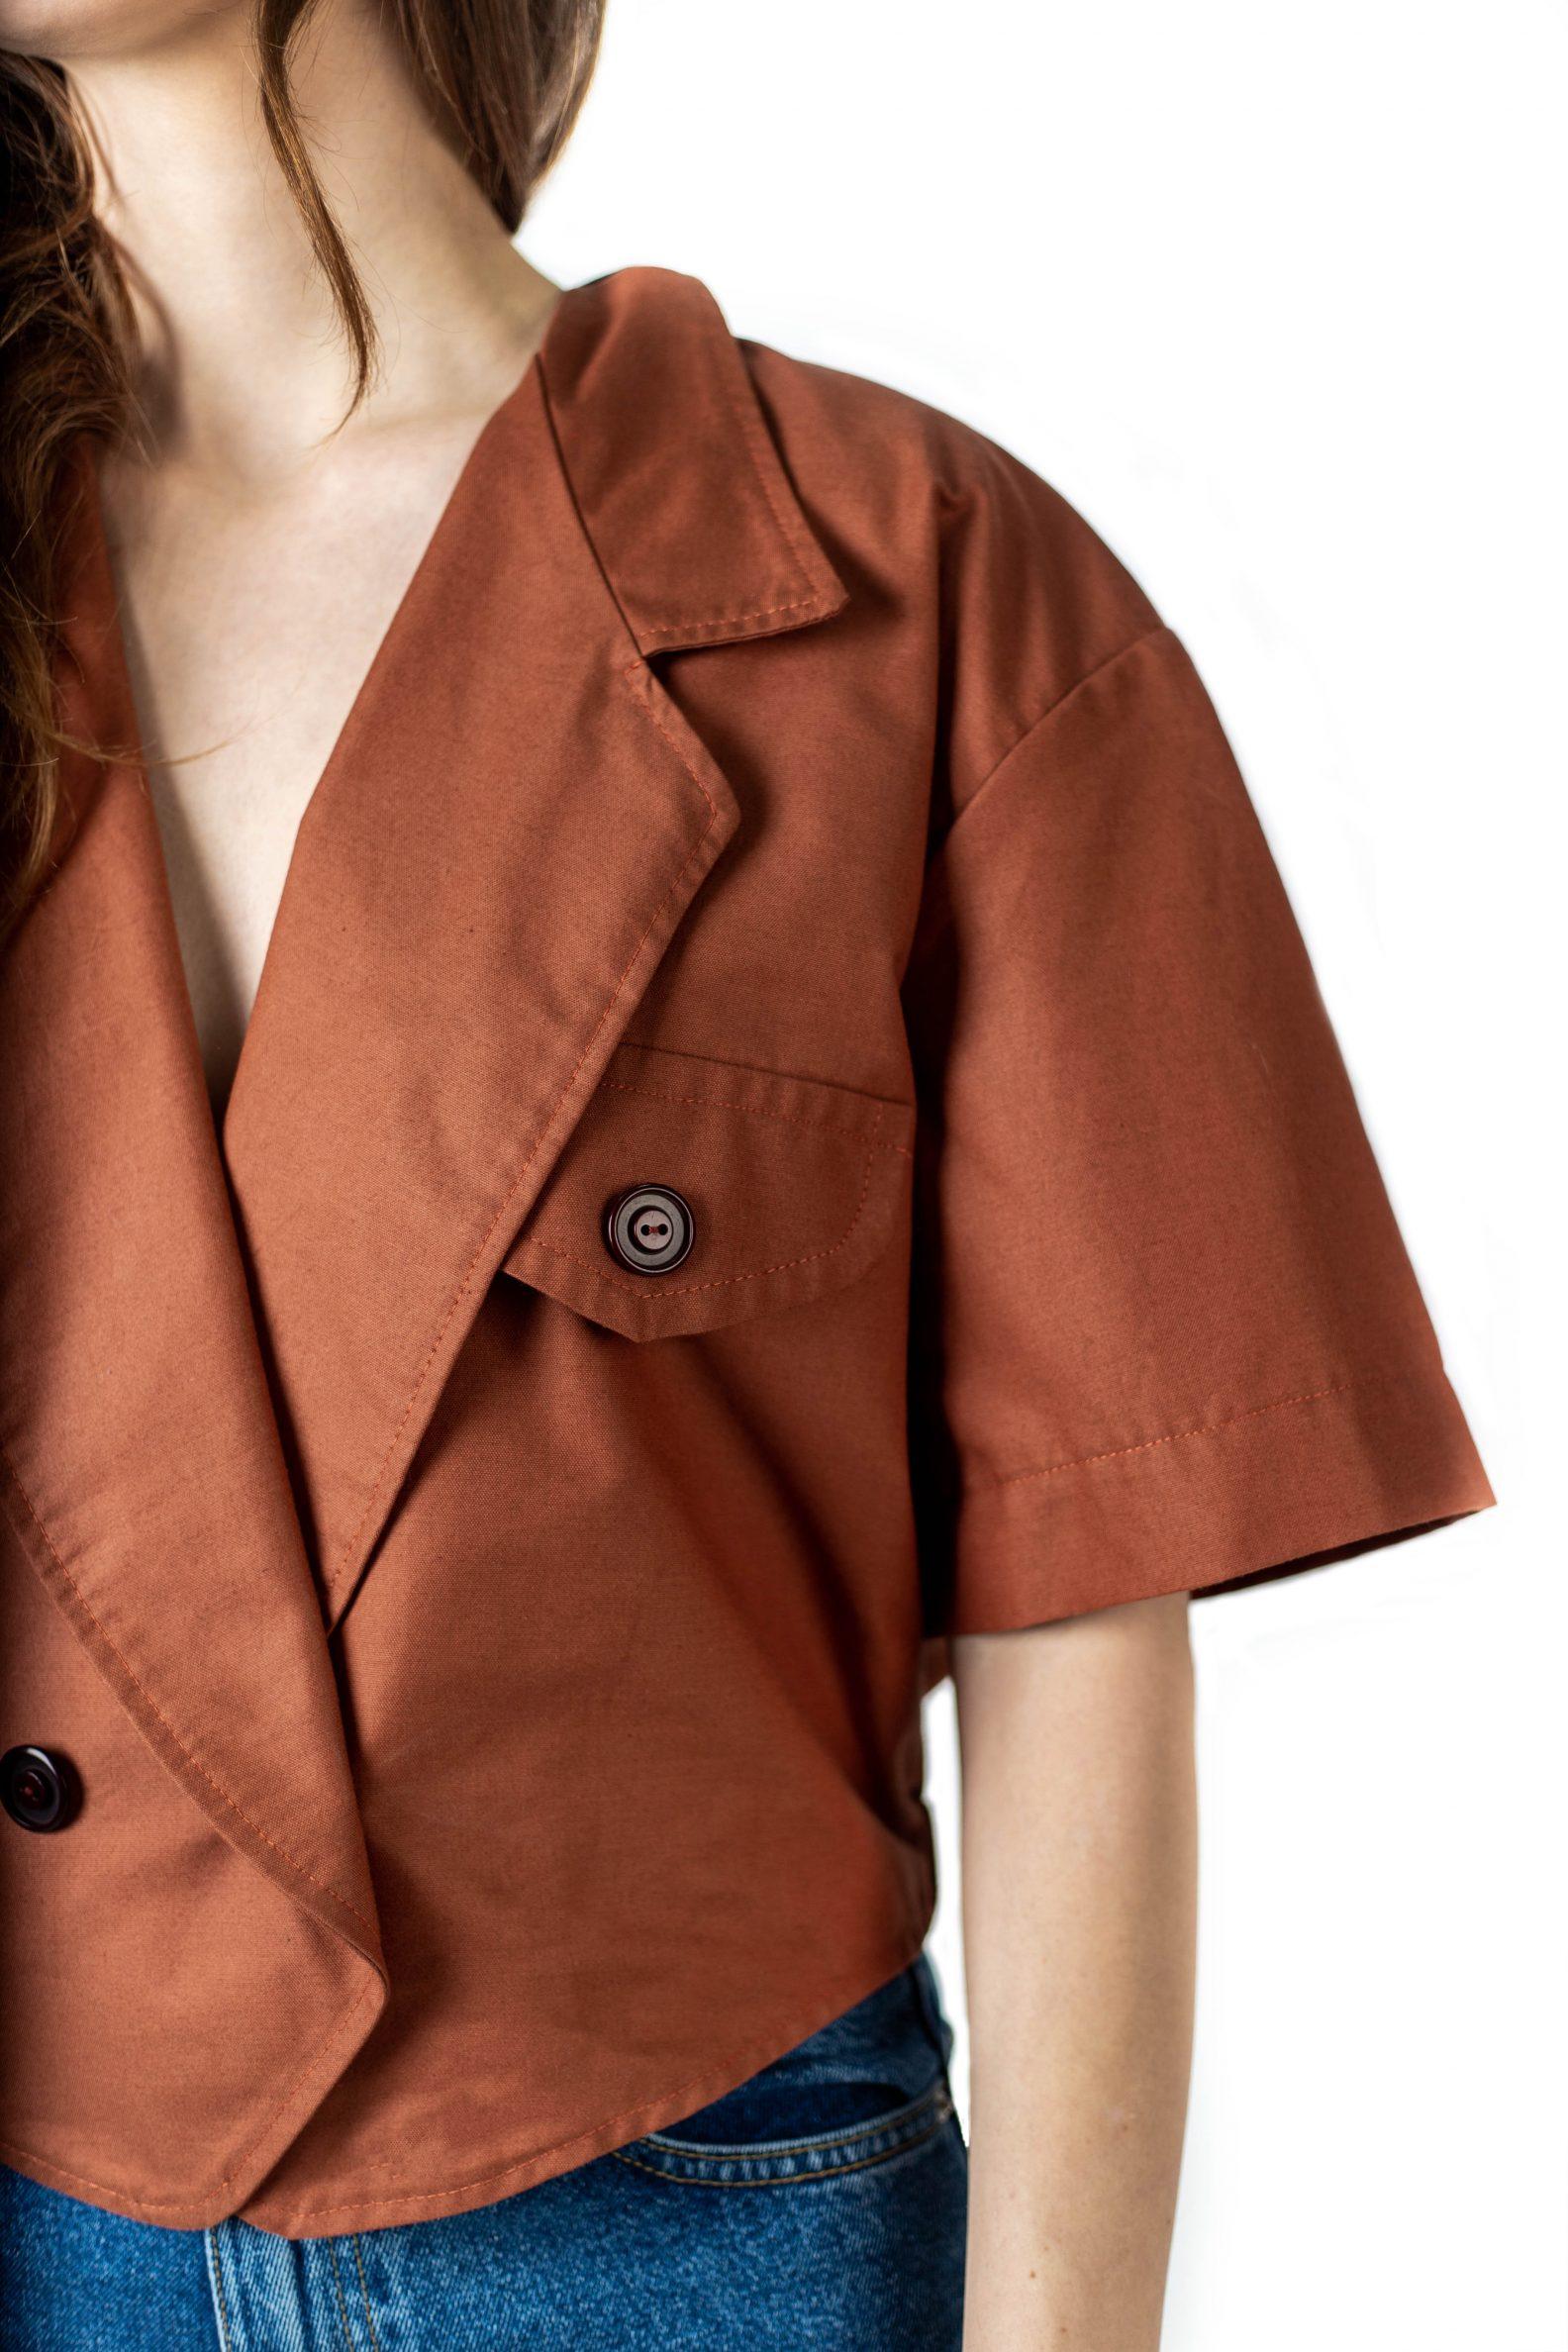 5-affaires-etrangeres-veste-croisee-manches-courtes-coton-cire